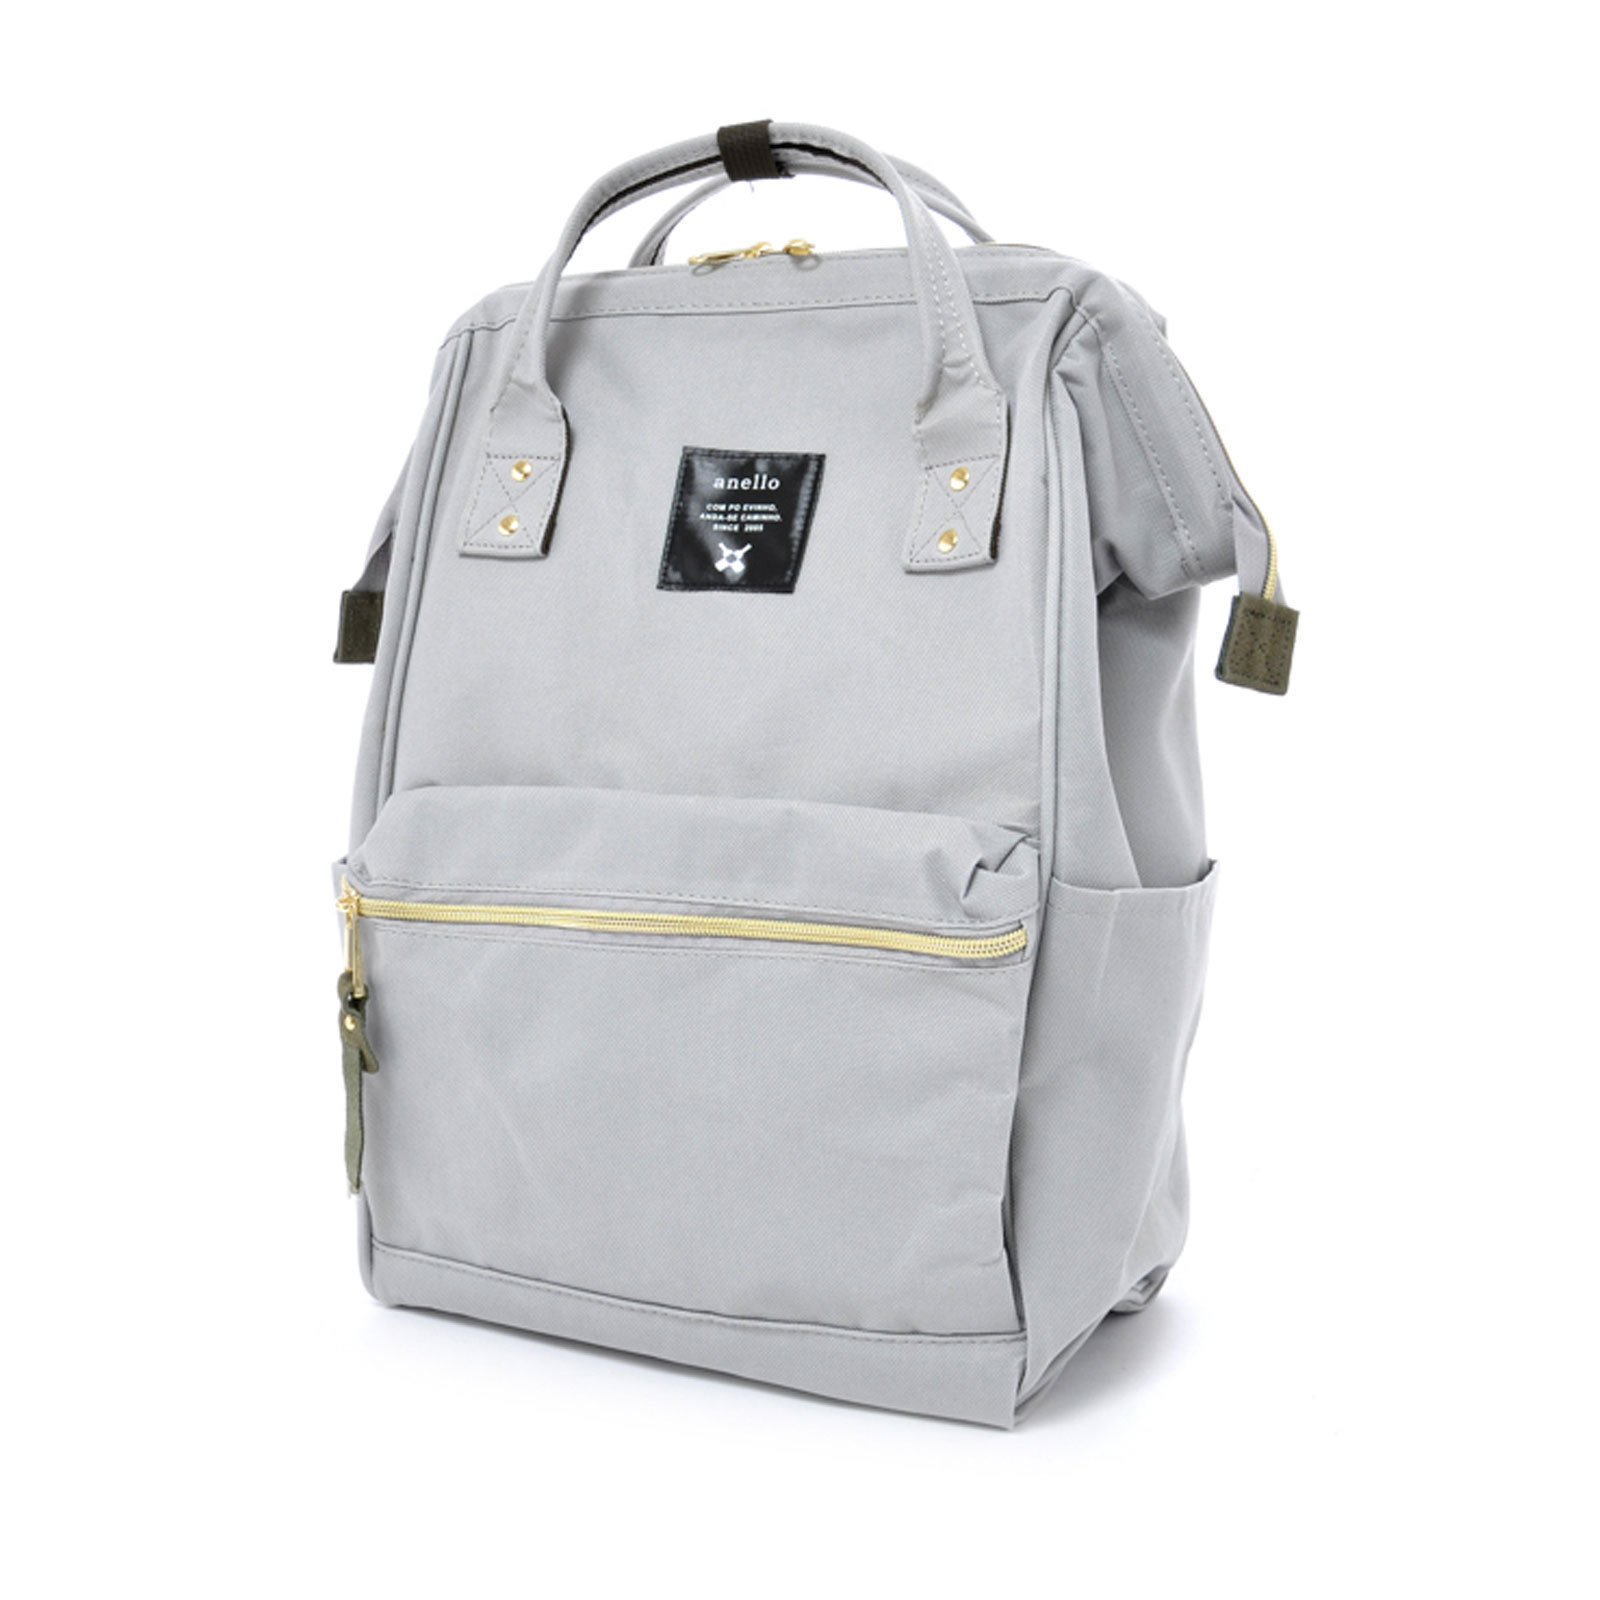 Anello Official Japan Light Grey Regular Backpack Rucksack Diaper Travel Bag